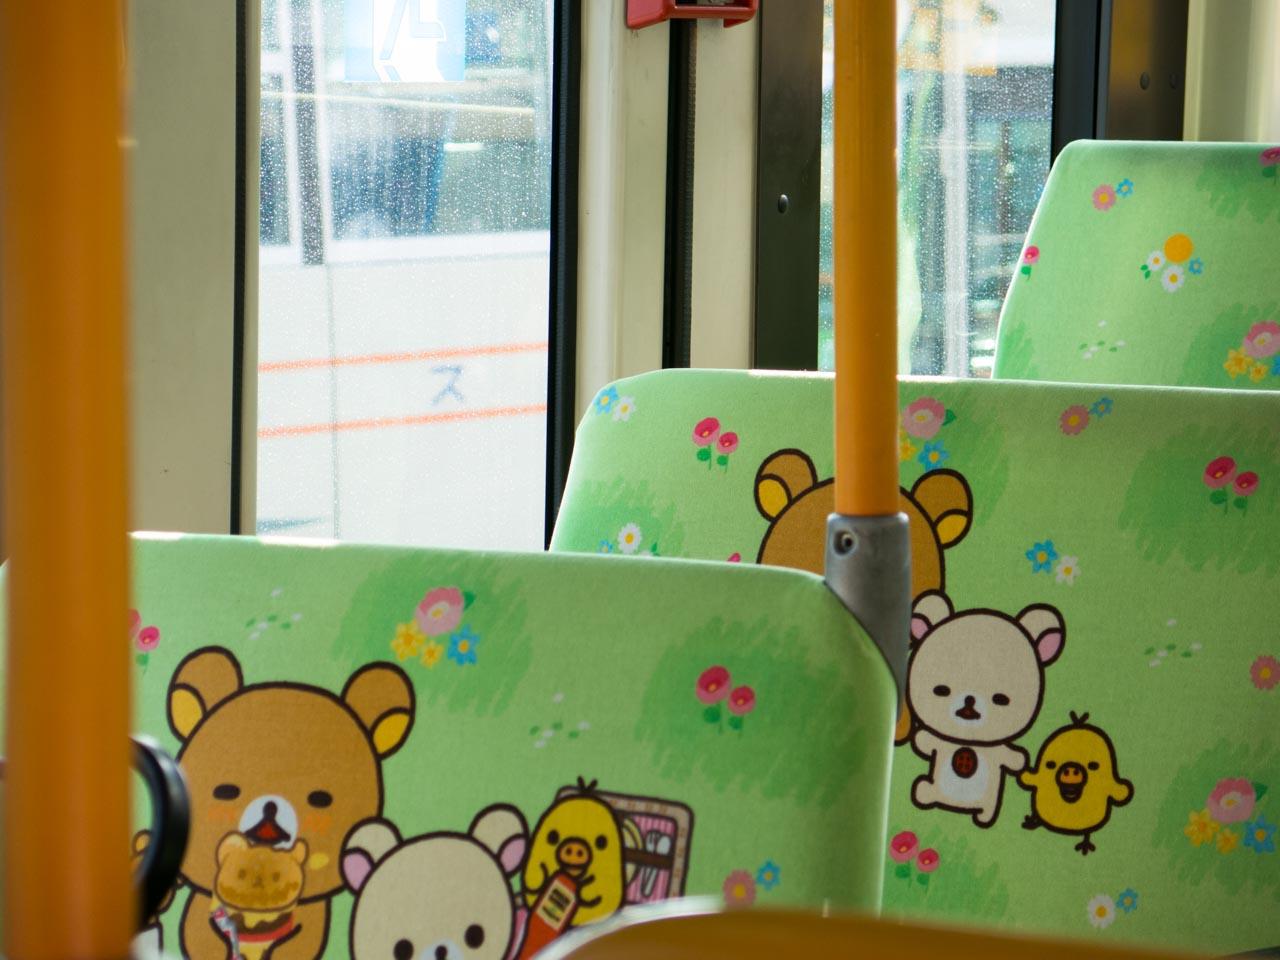 立川バス リラックマバス4号車_a0016730_17275973.jpg